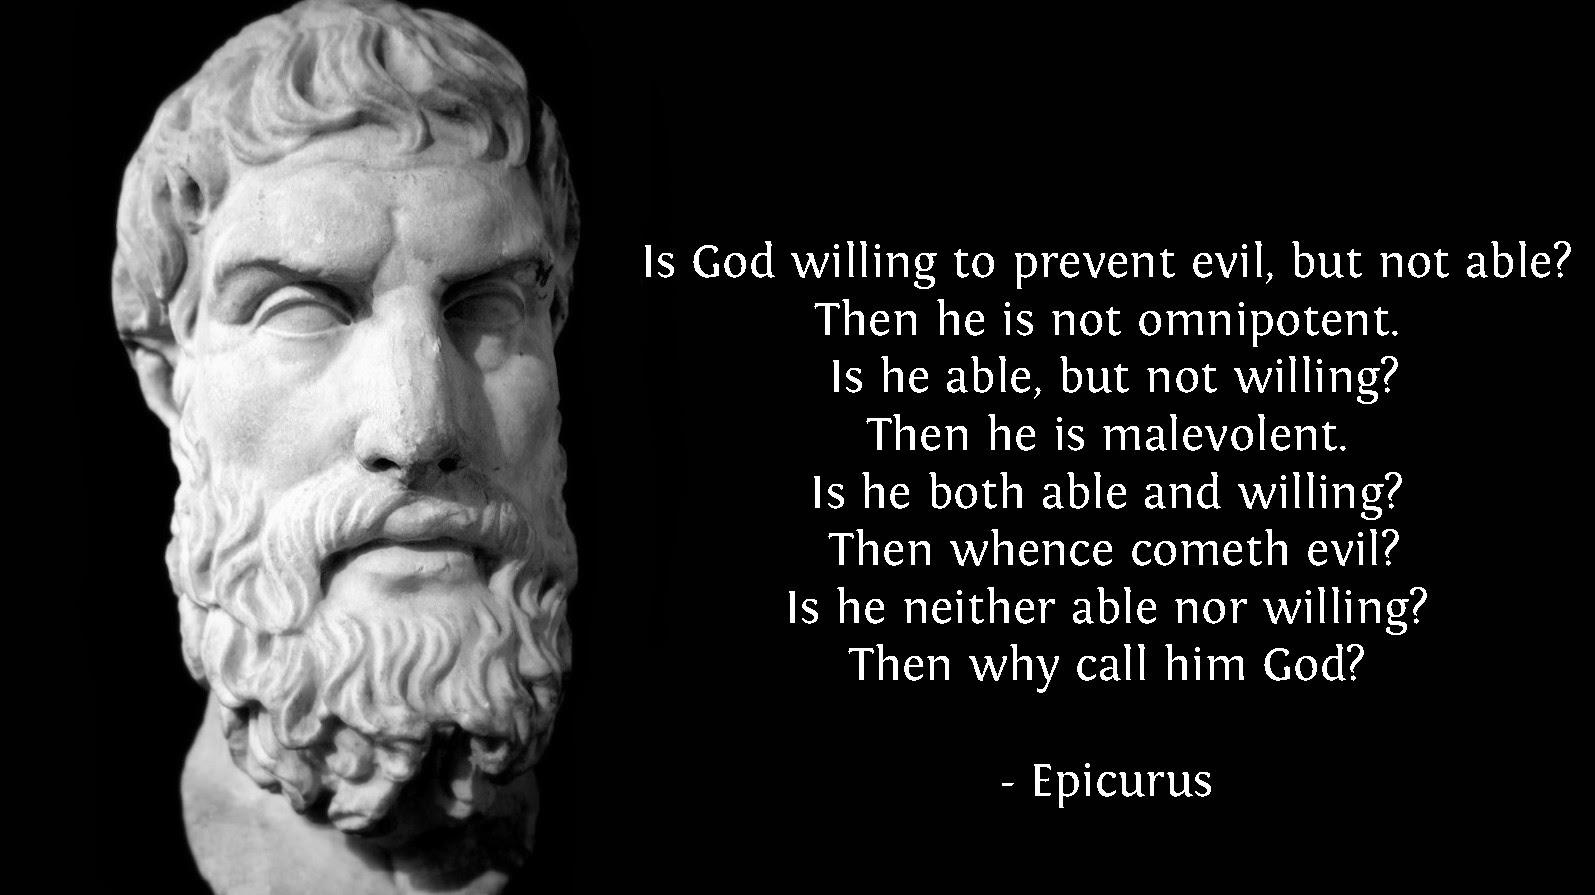 Epicurus Problem of Evil Quote Picture